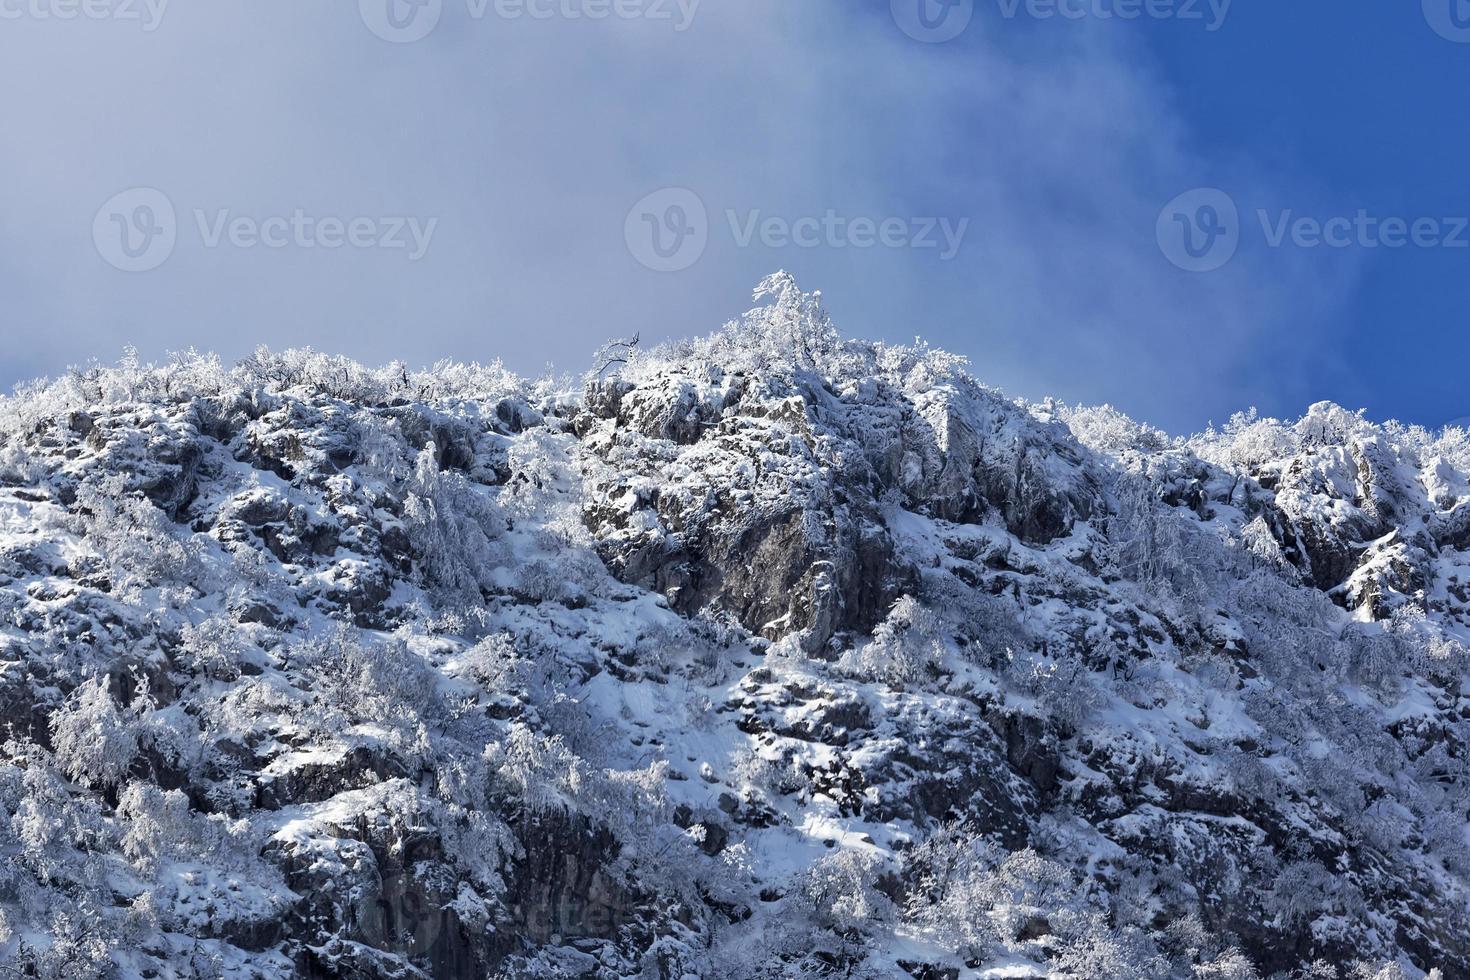 rtanj berg in de winter 15 foto